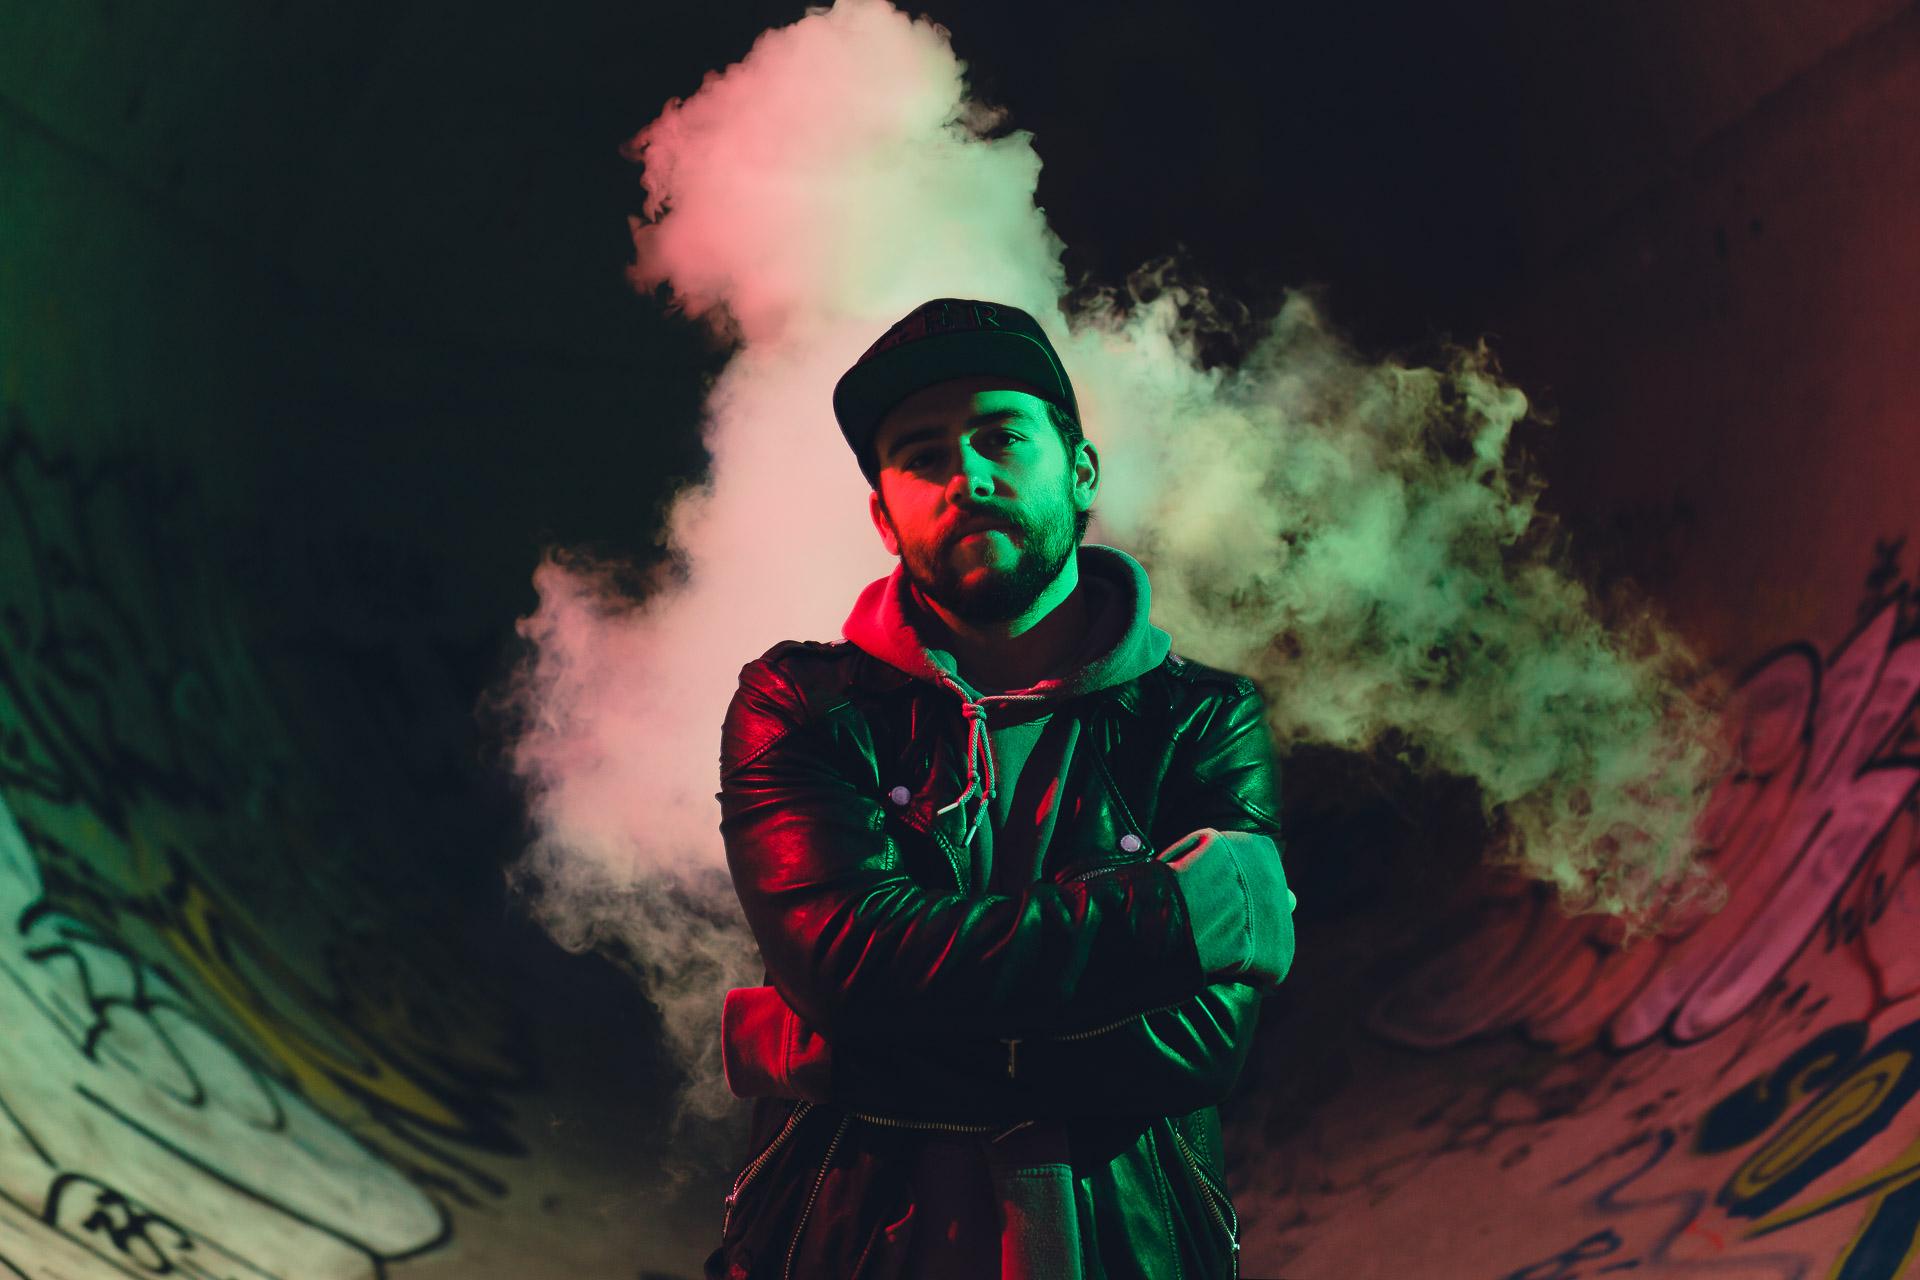 Neon Portrait von Ben Sammer mit grünem und rotem Blitz und Rauchwolke im Hintergrund im Hirschgarten Skatepark